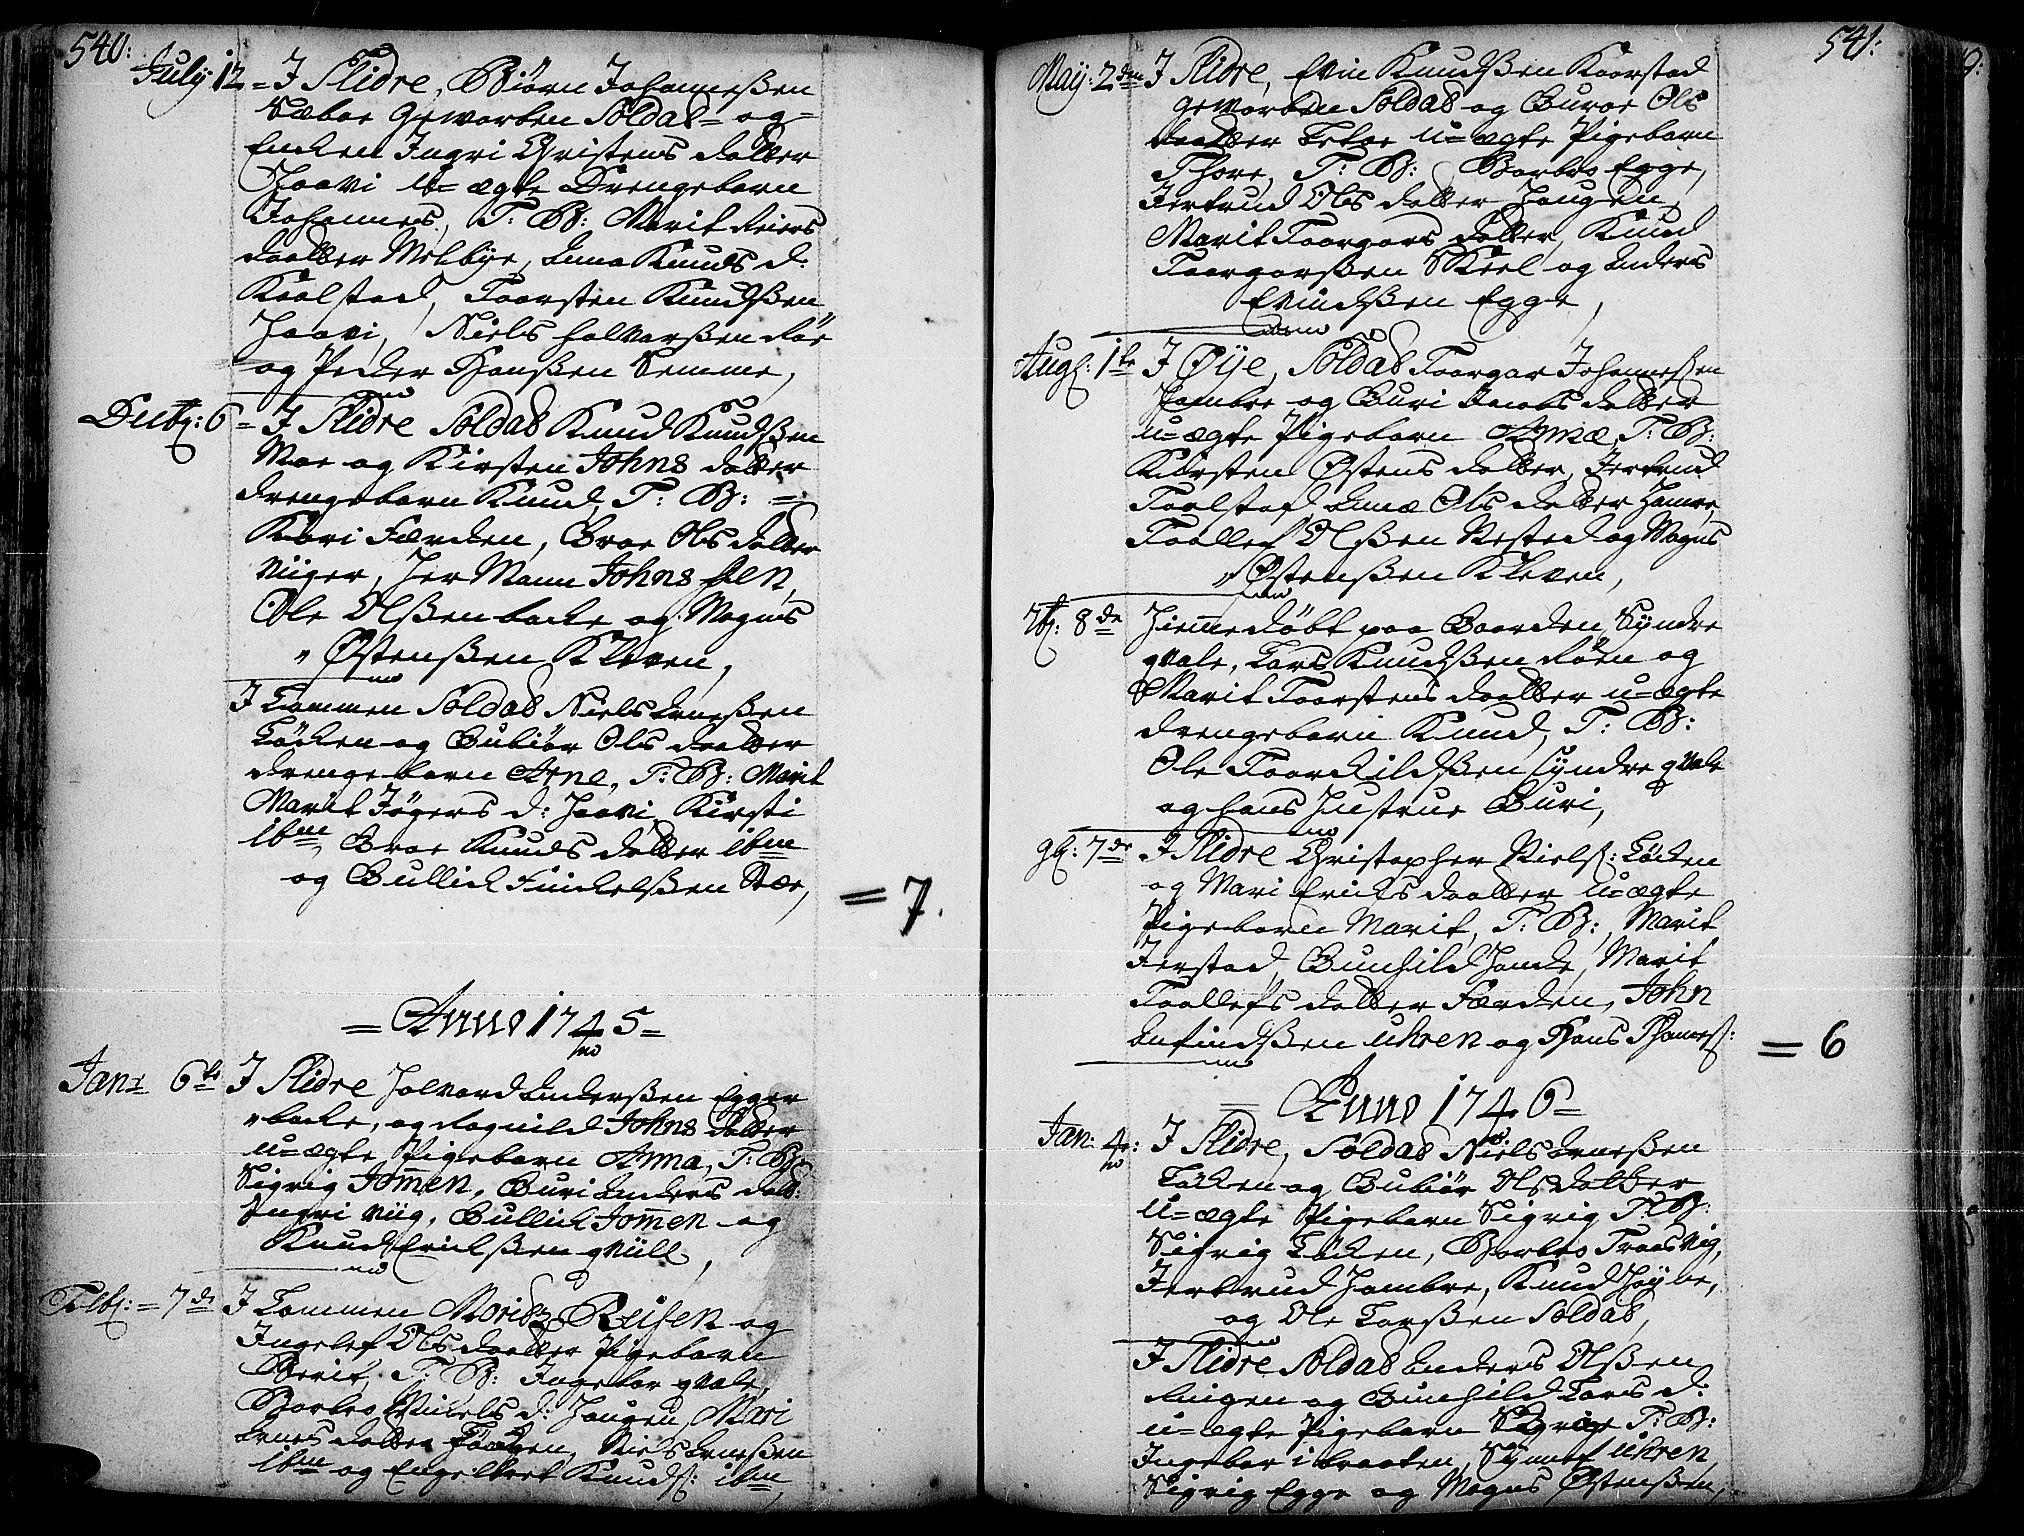 SAH, Slidre prestekontor, Ministerialbok nr. 1, 1724-1814, s. 540-541